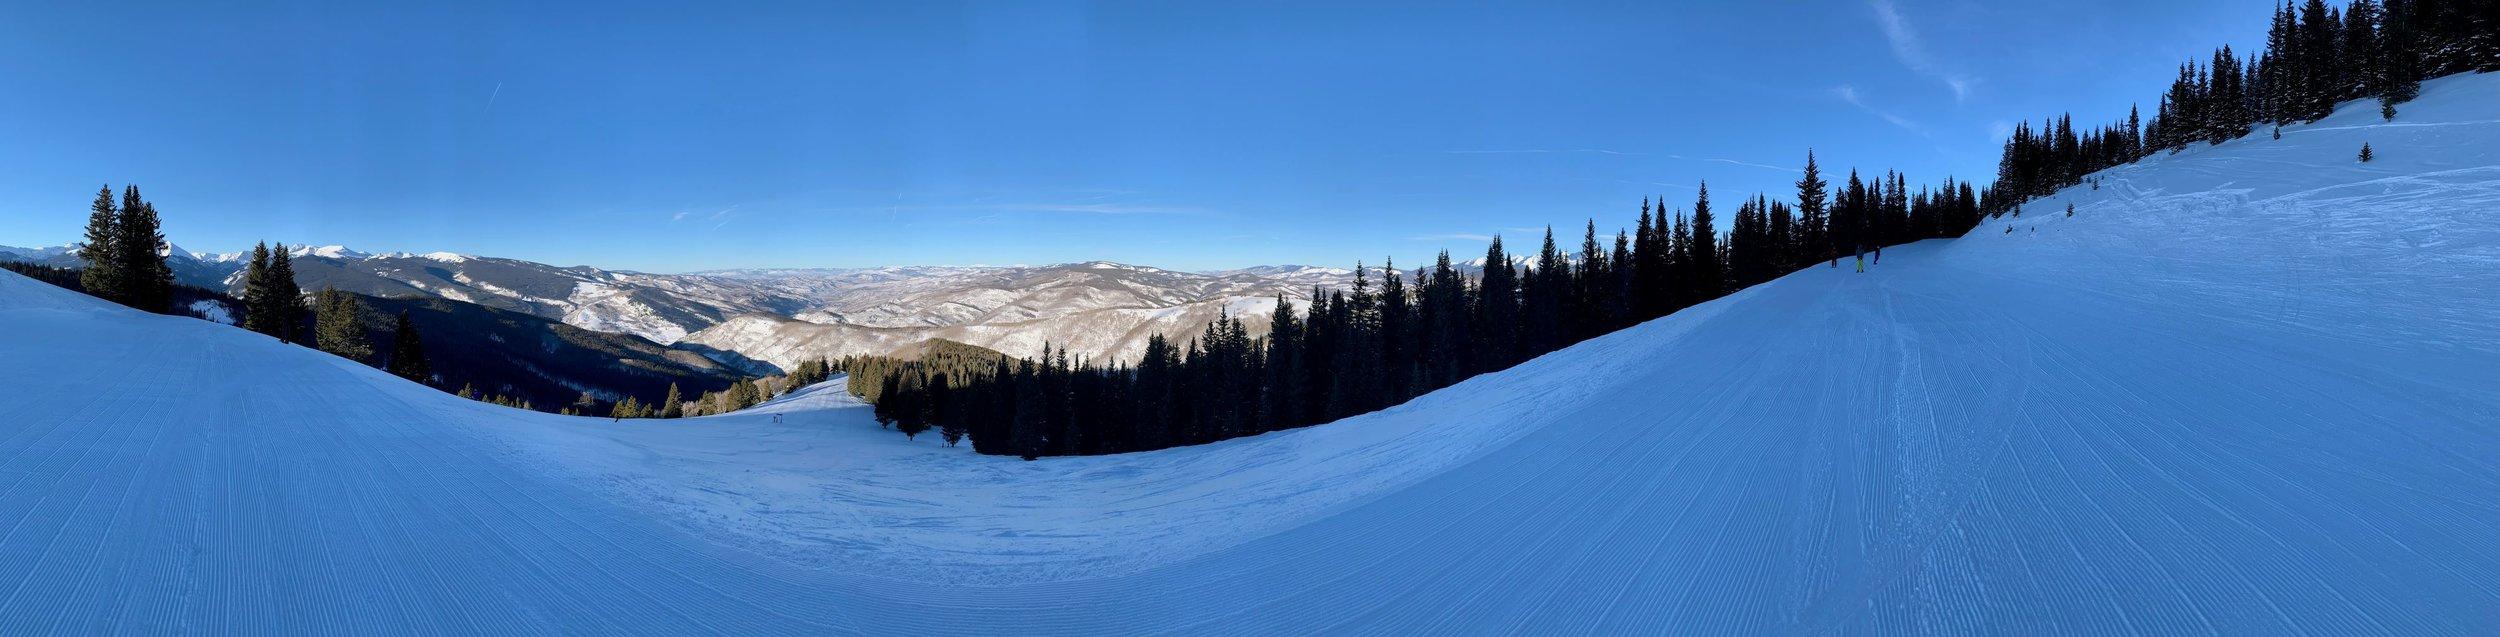 Q1 Rockies View.jpeg